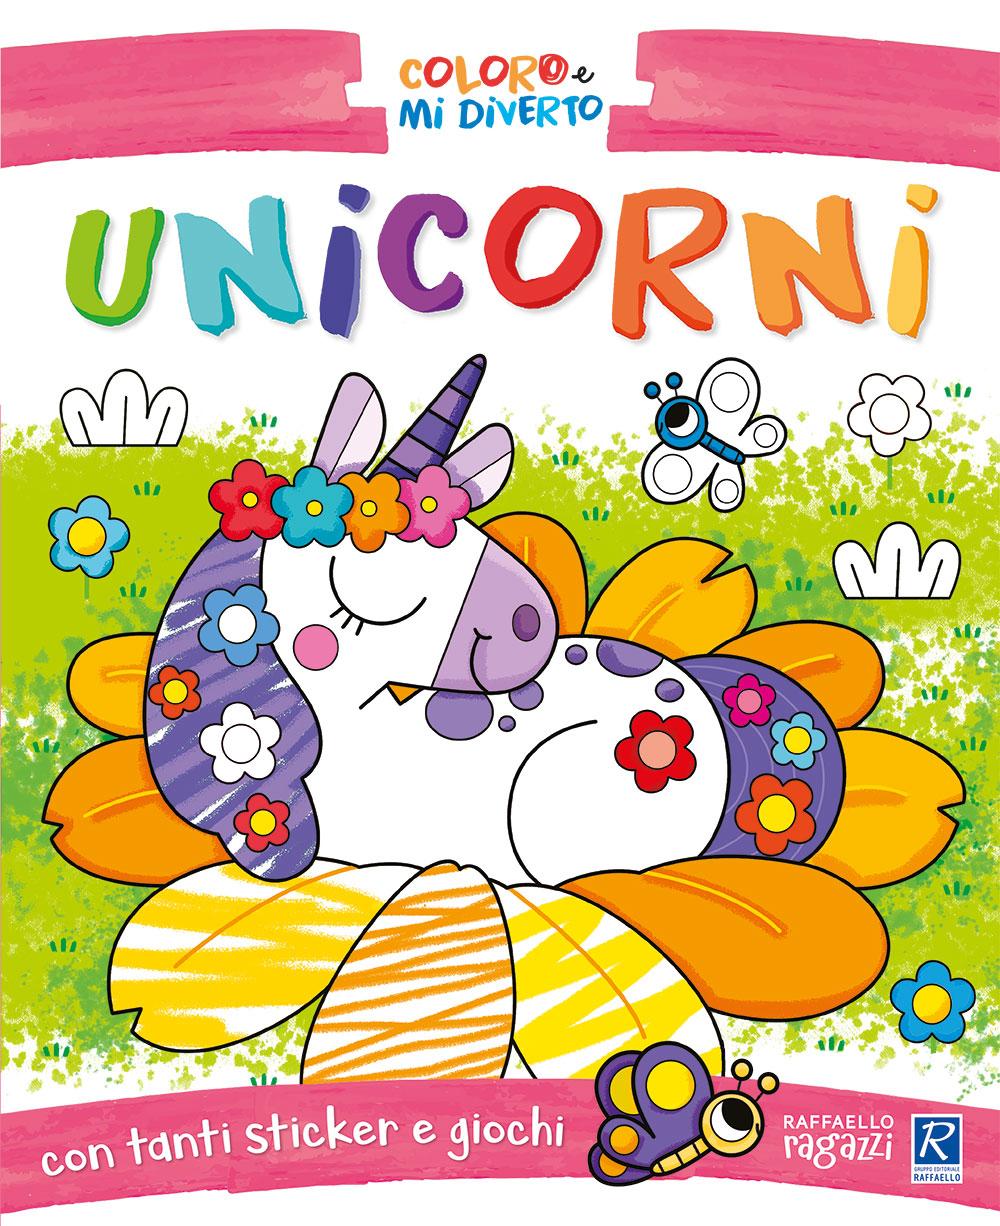 Coloro e mi diverto - Unicorni